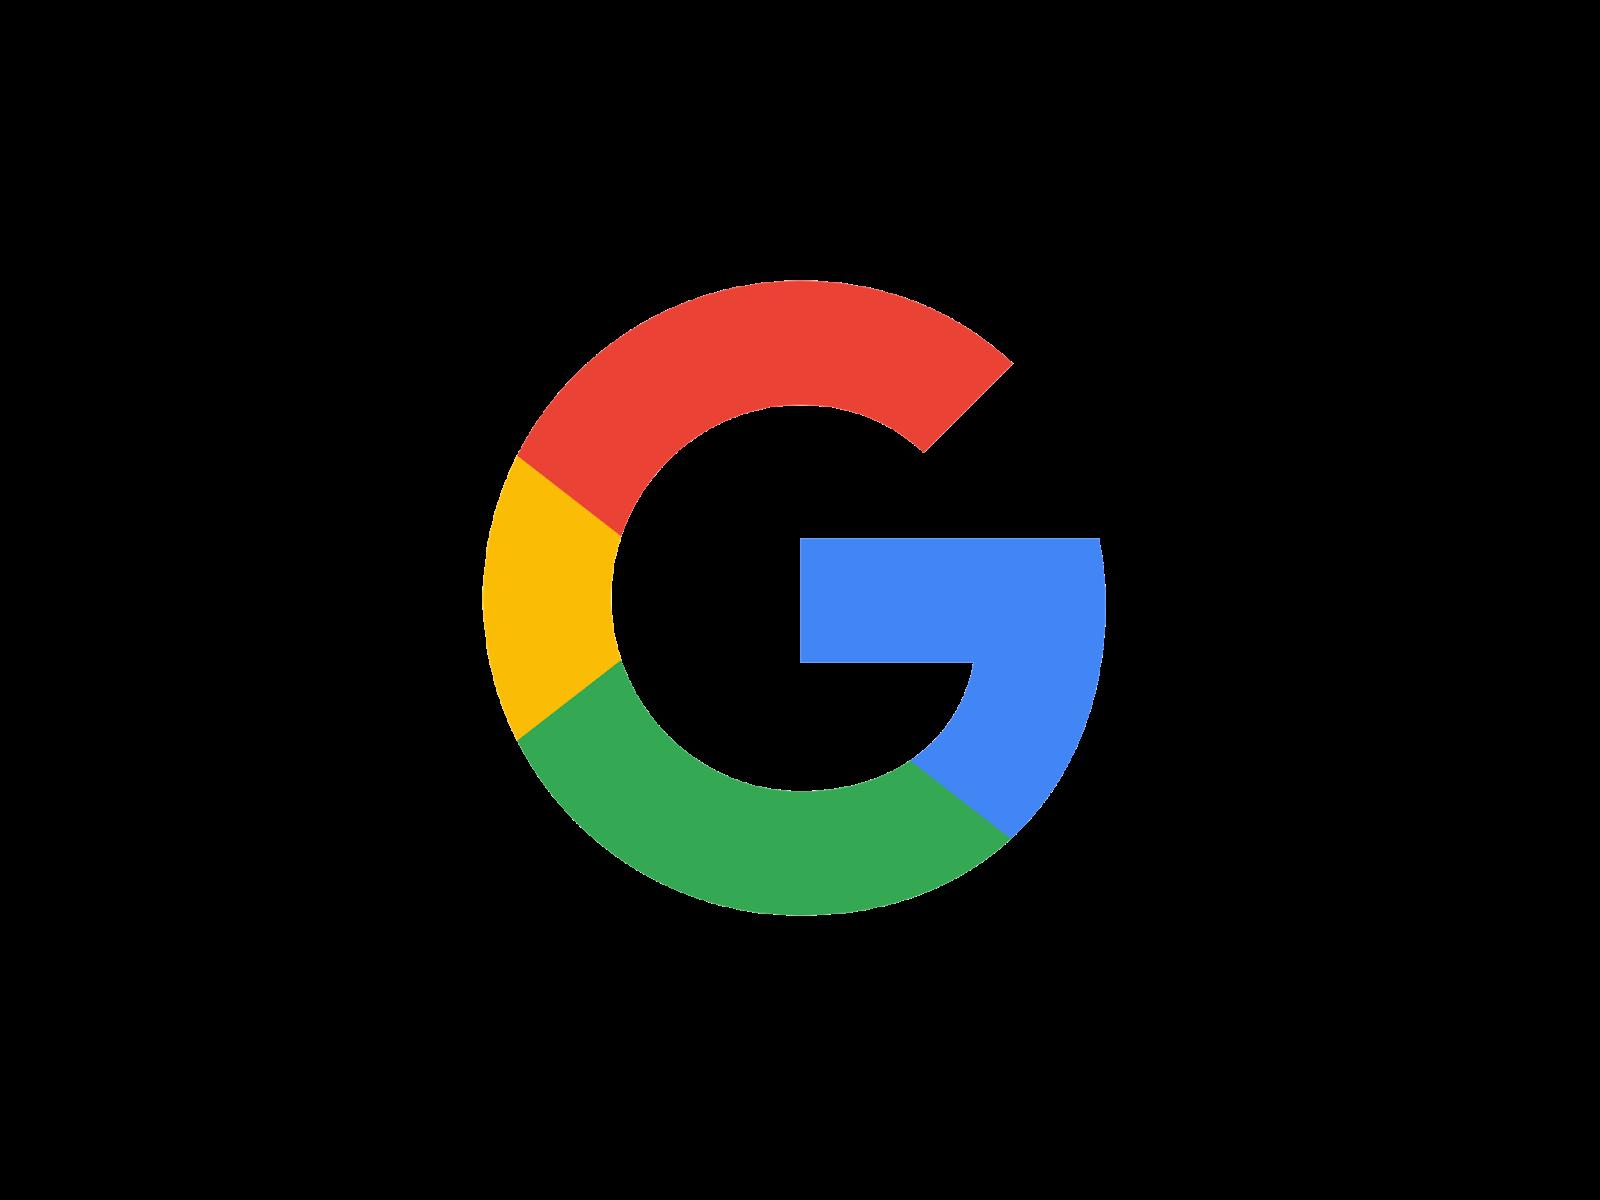 Google Logo | All Logos Pictures - Funny Google Logos